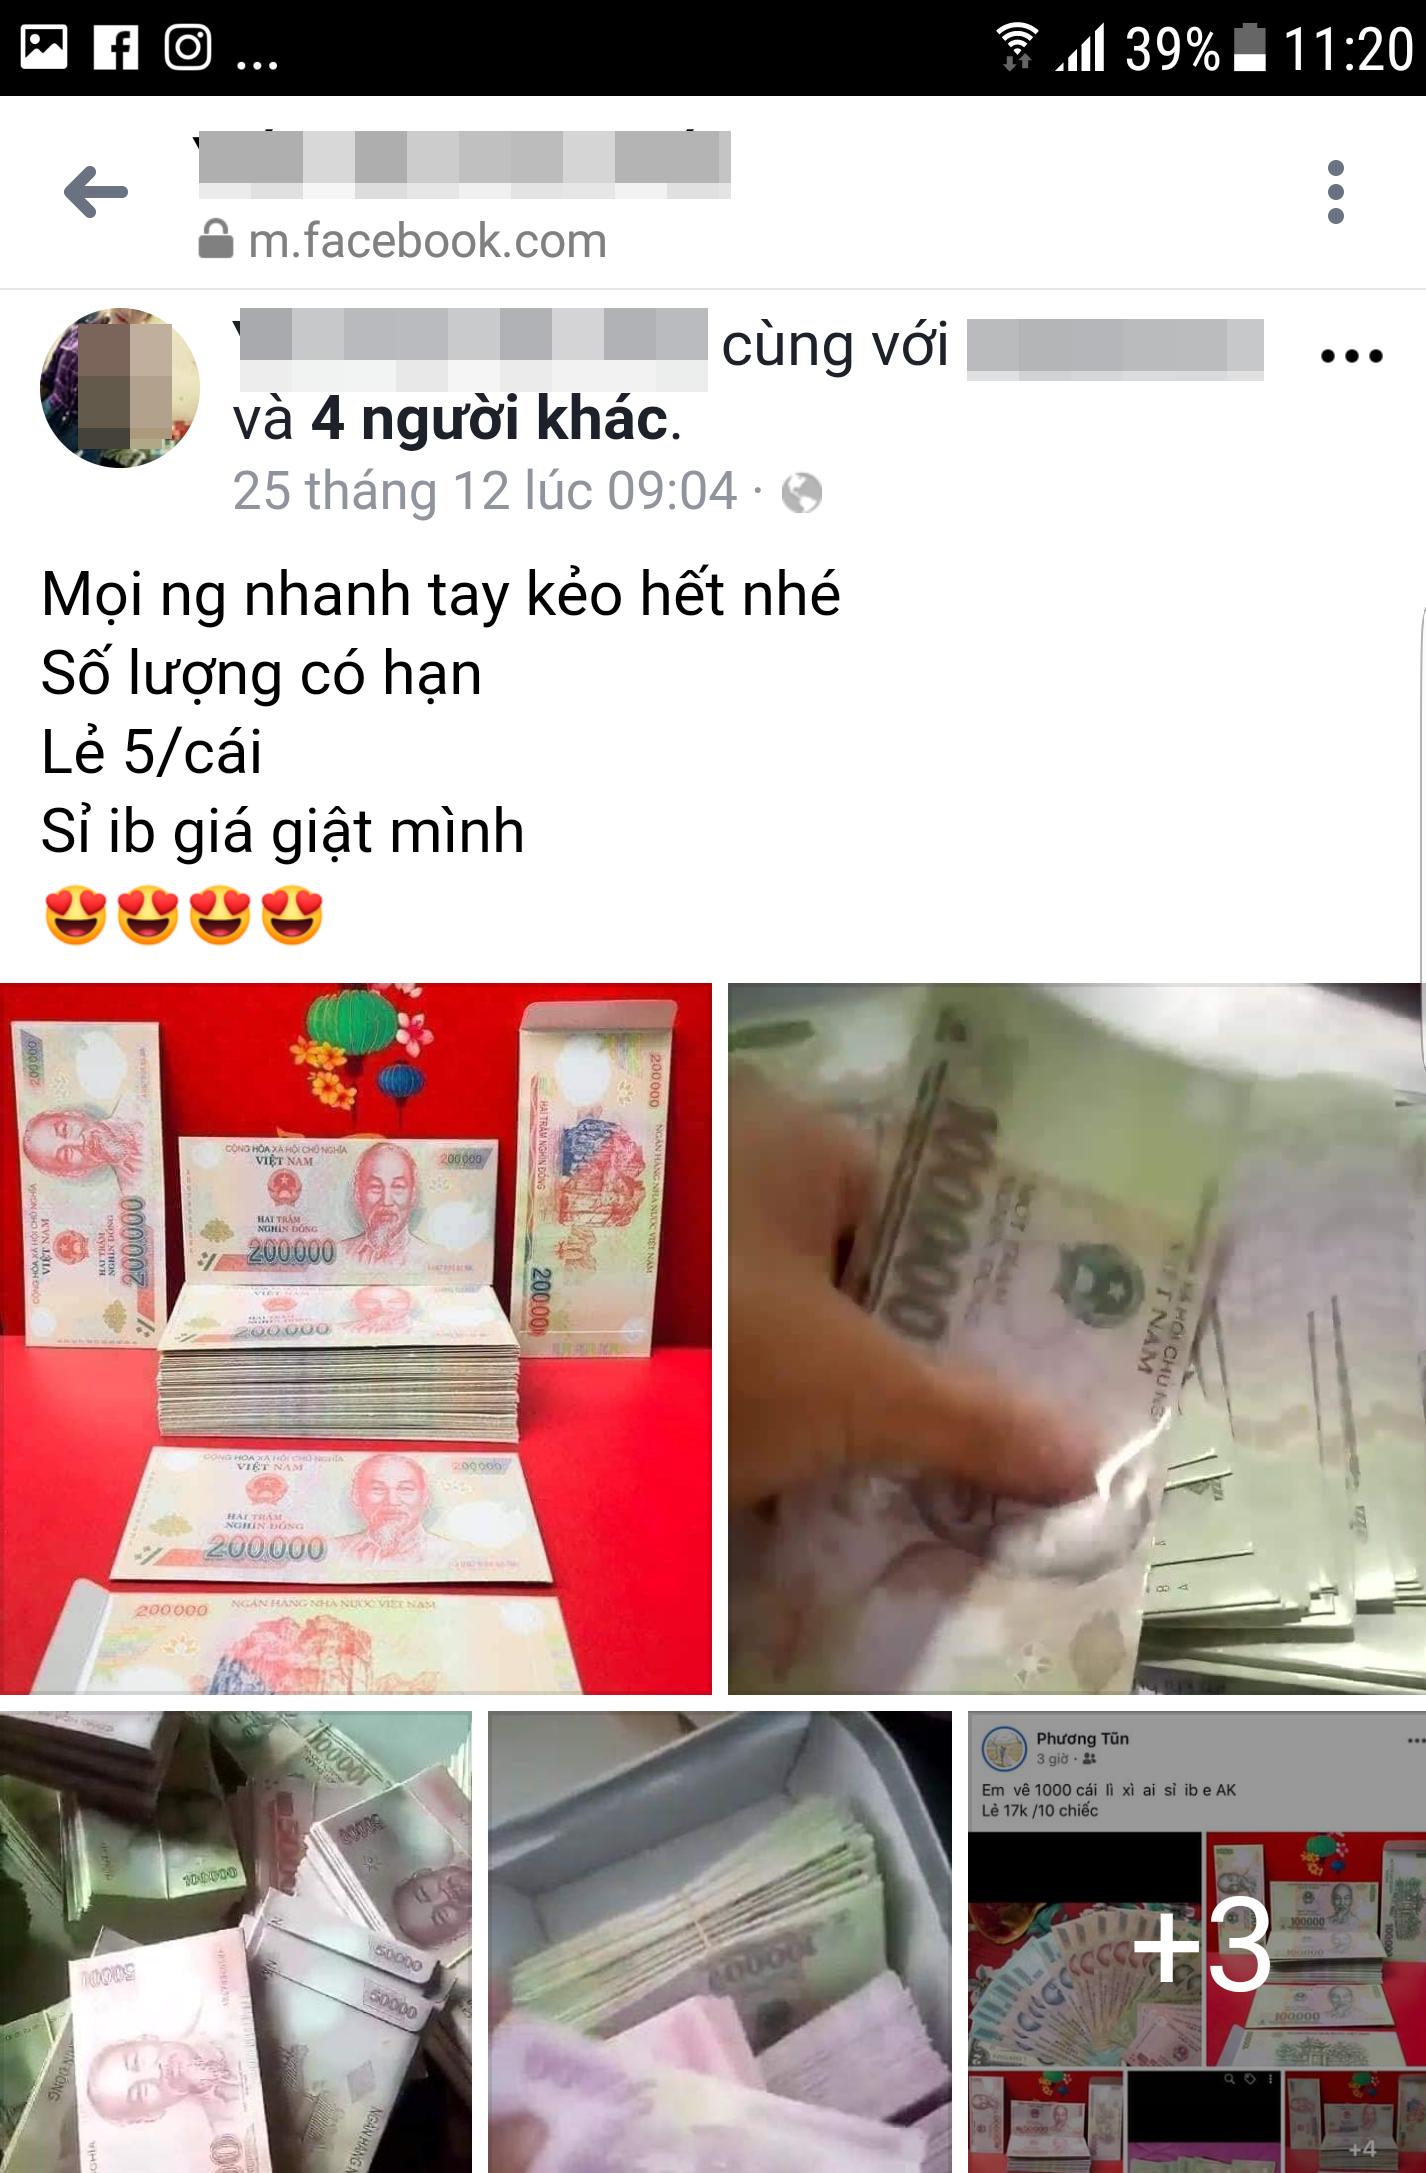 Dùng bao lì xì in hình tiền Việt Nam có vi phạm pháp luật? - Ảnh 1.